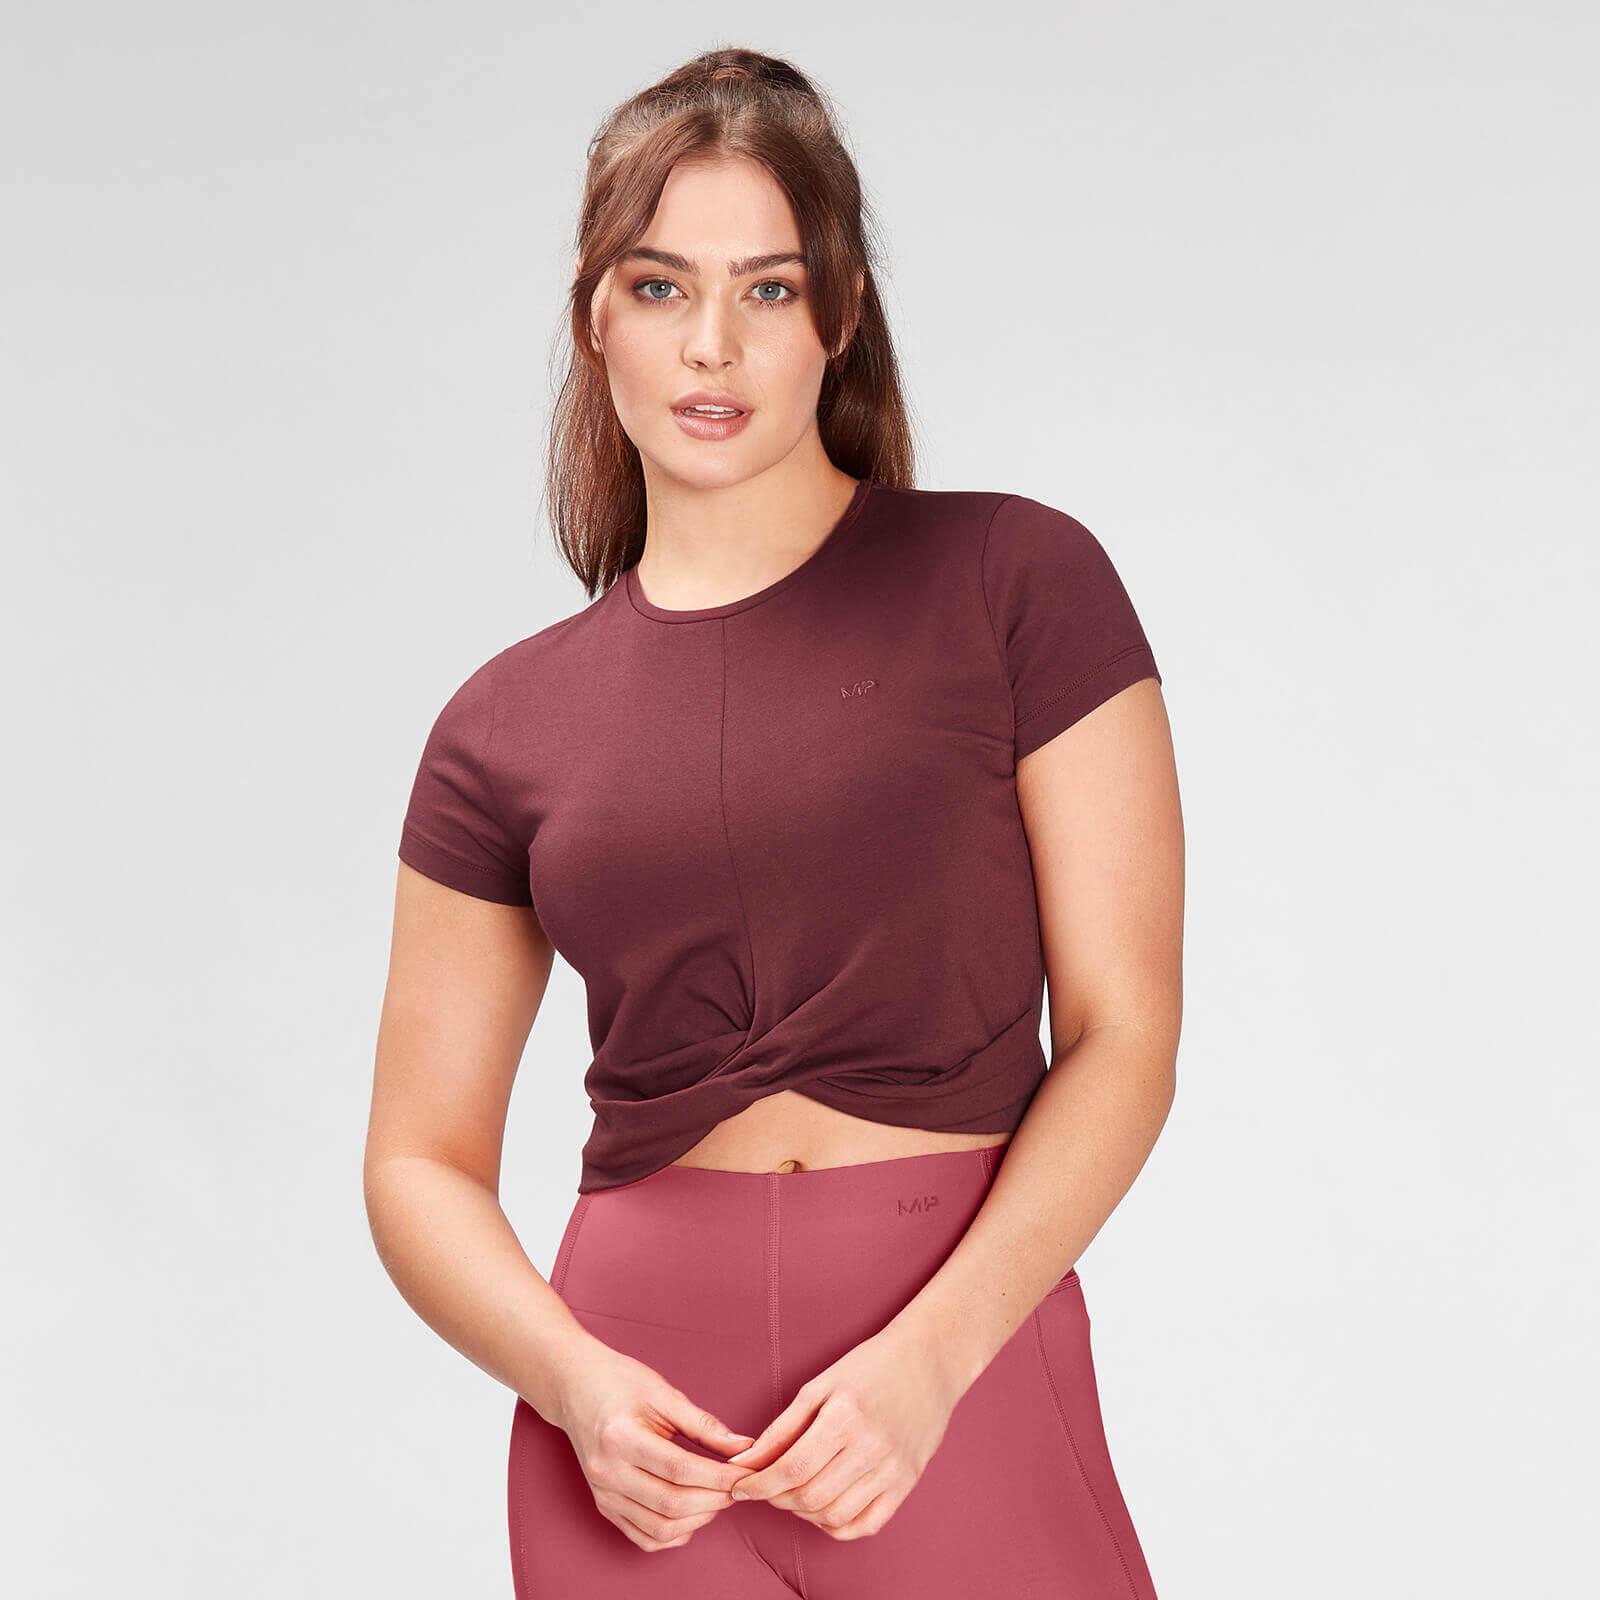 Купить MP Women's Composure T-Shirt- Washed Oxblood - XXS, Myprotein International